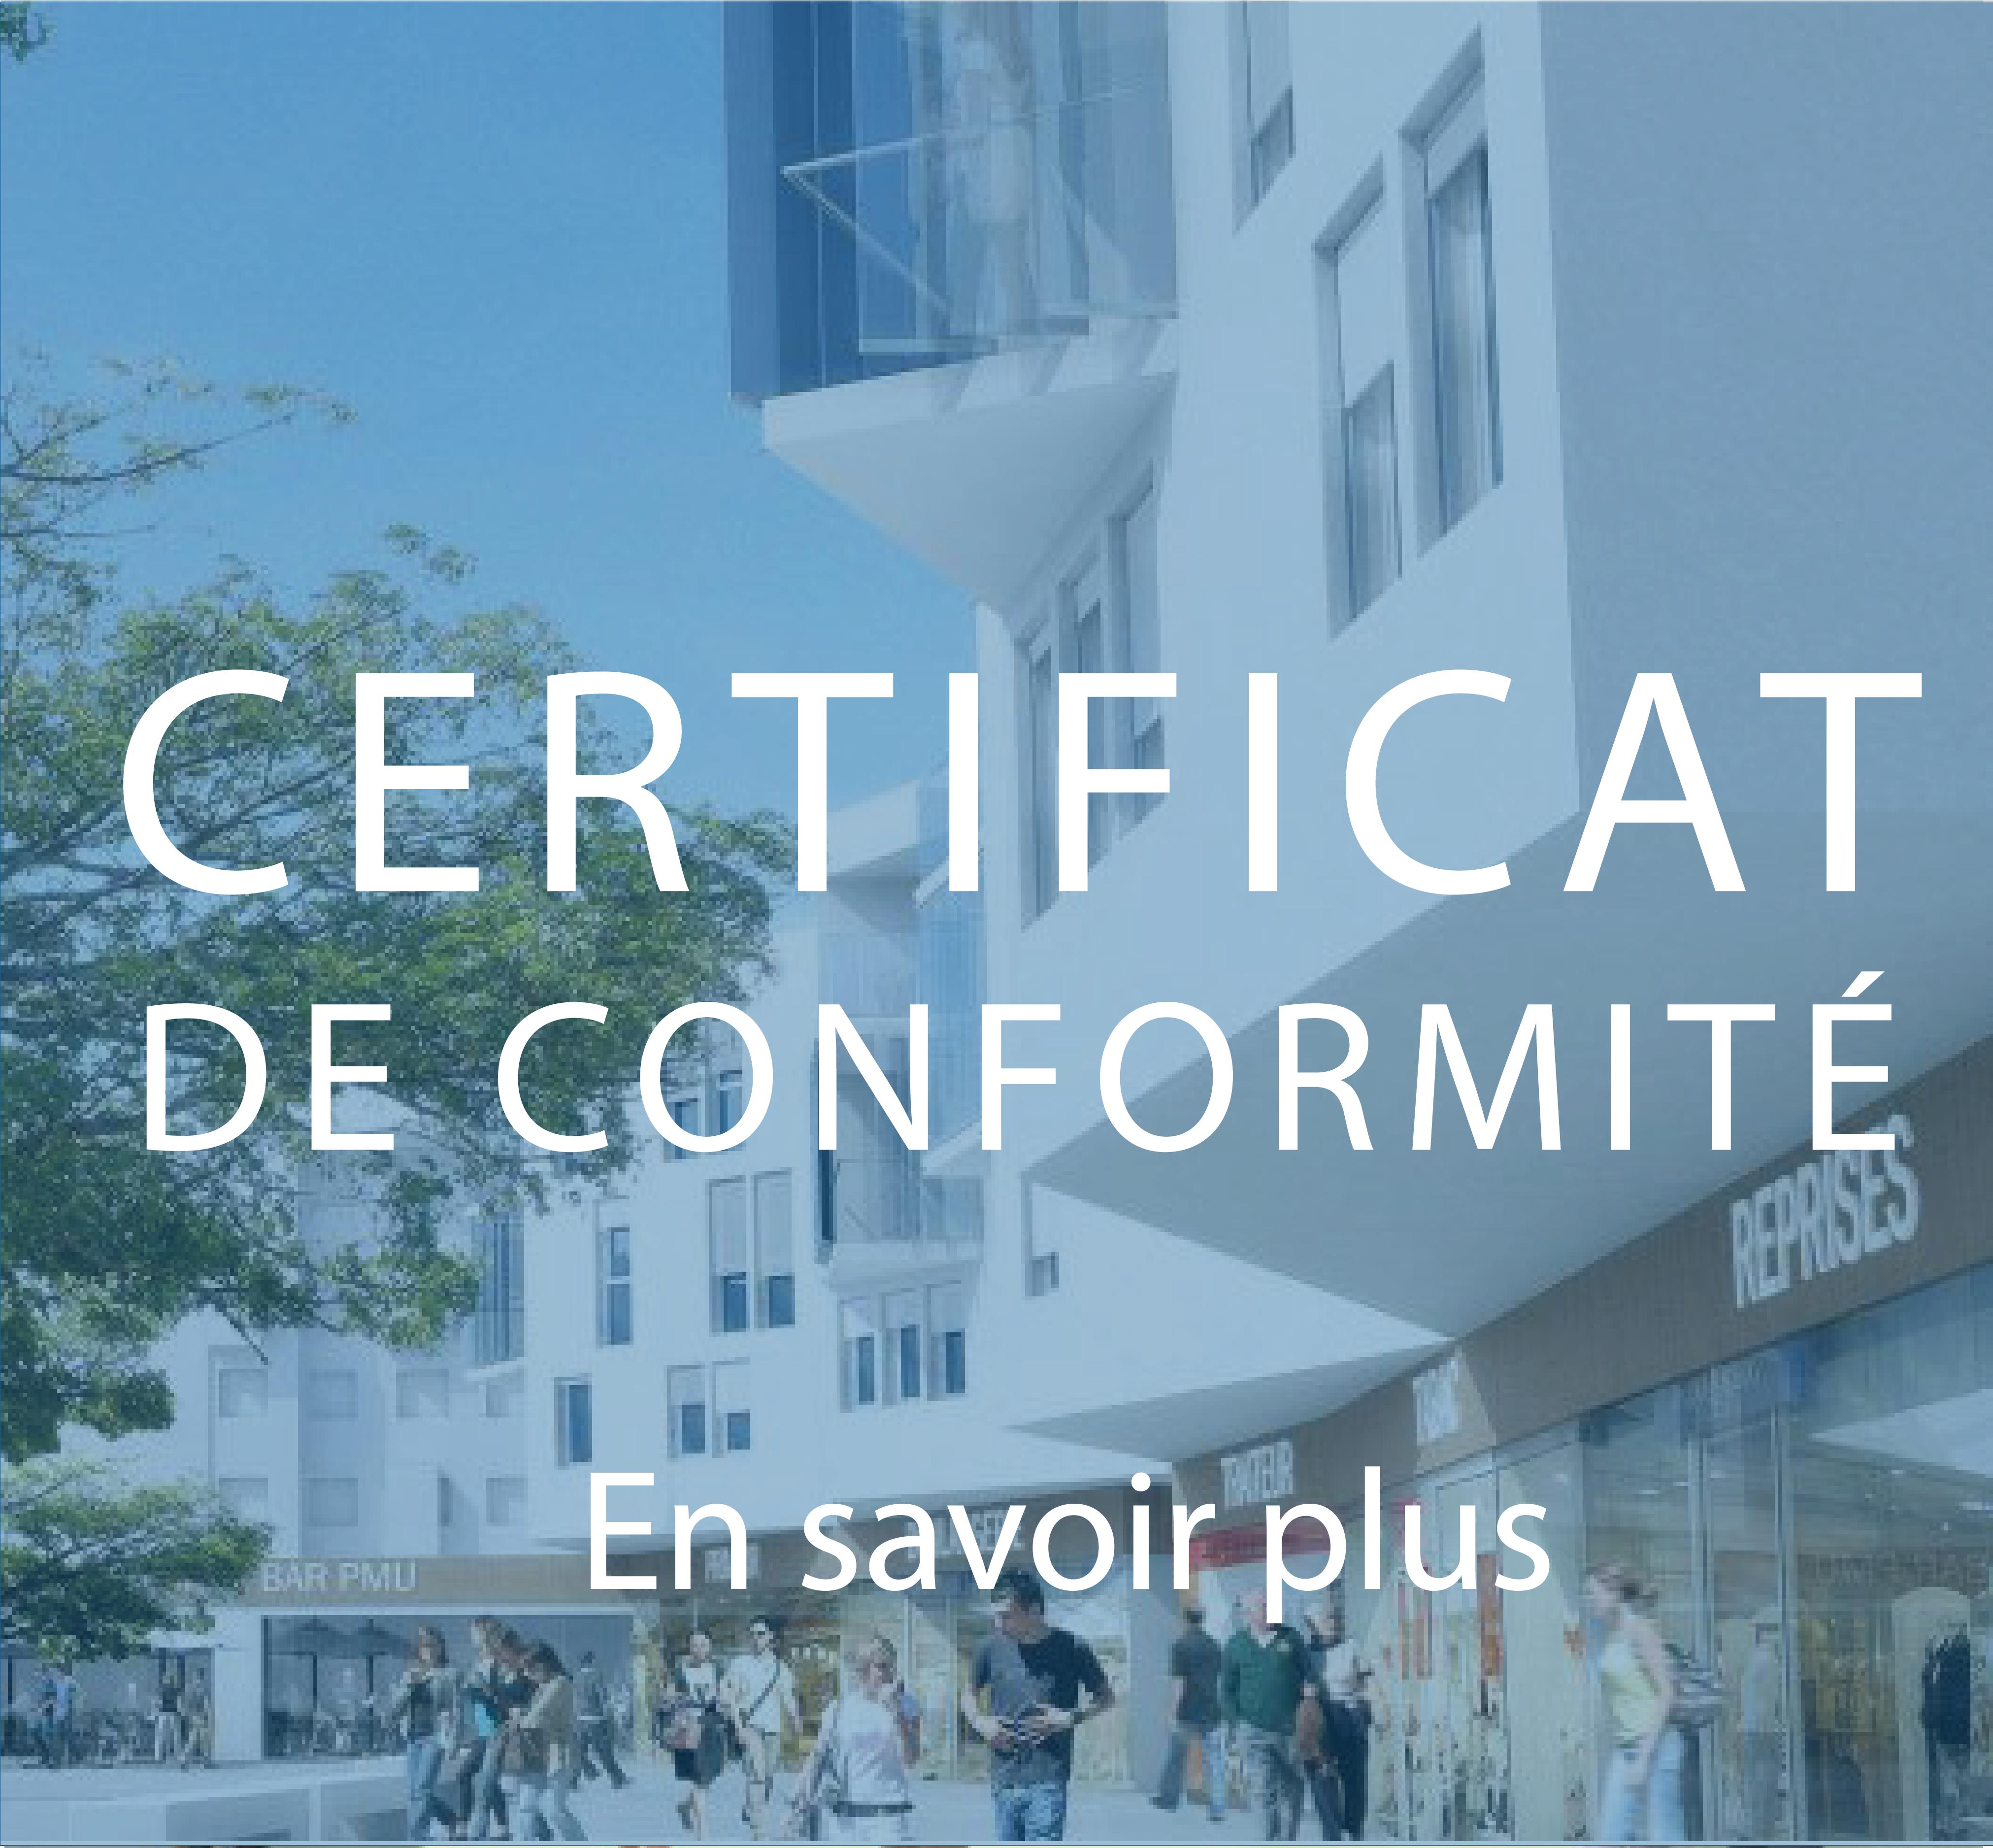 Certificat de conformité